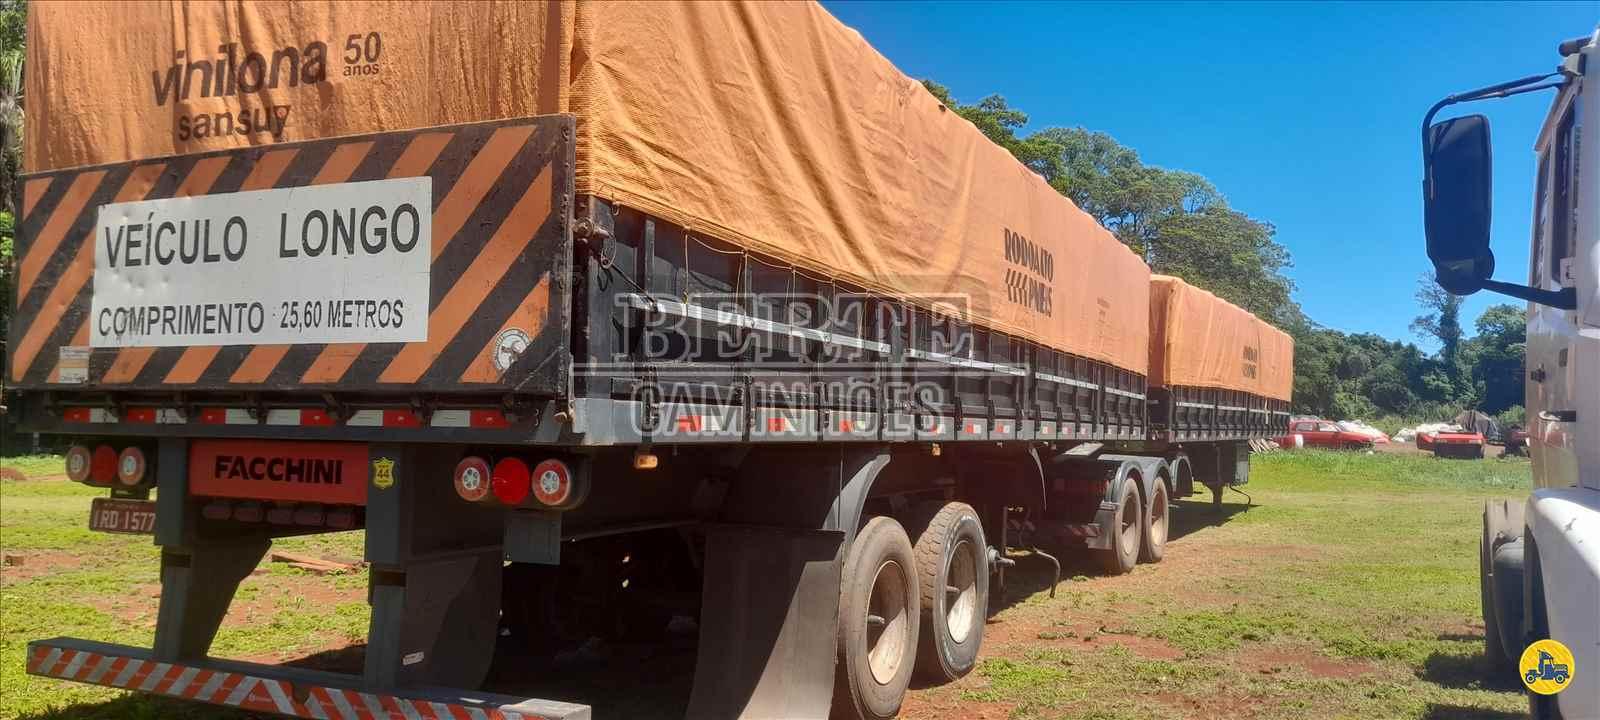 CARRETA RODOTREM GRANELEIRO Berte Caminhões SANTA ROSA RIO GRANDE DO SUL RS